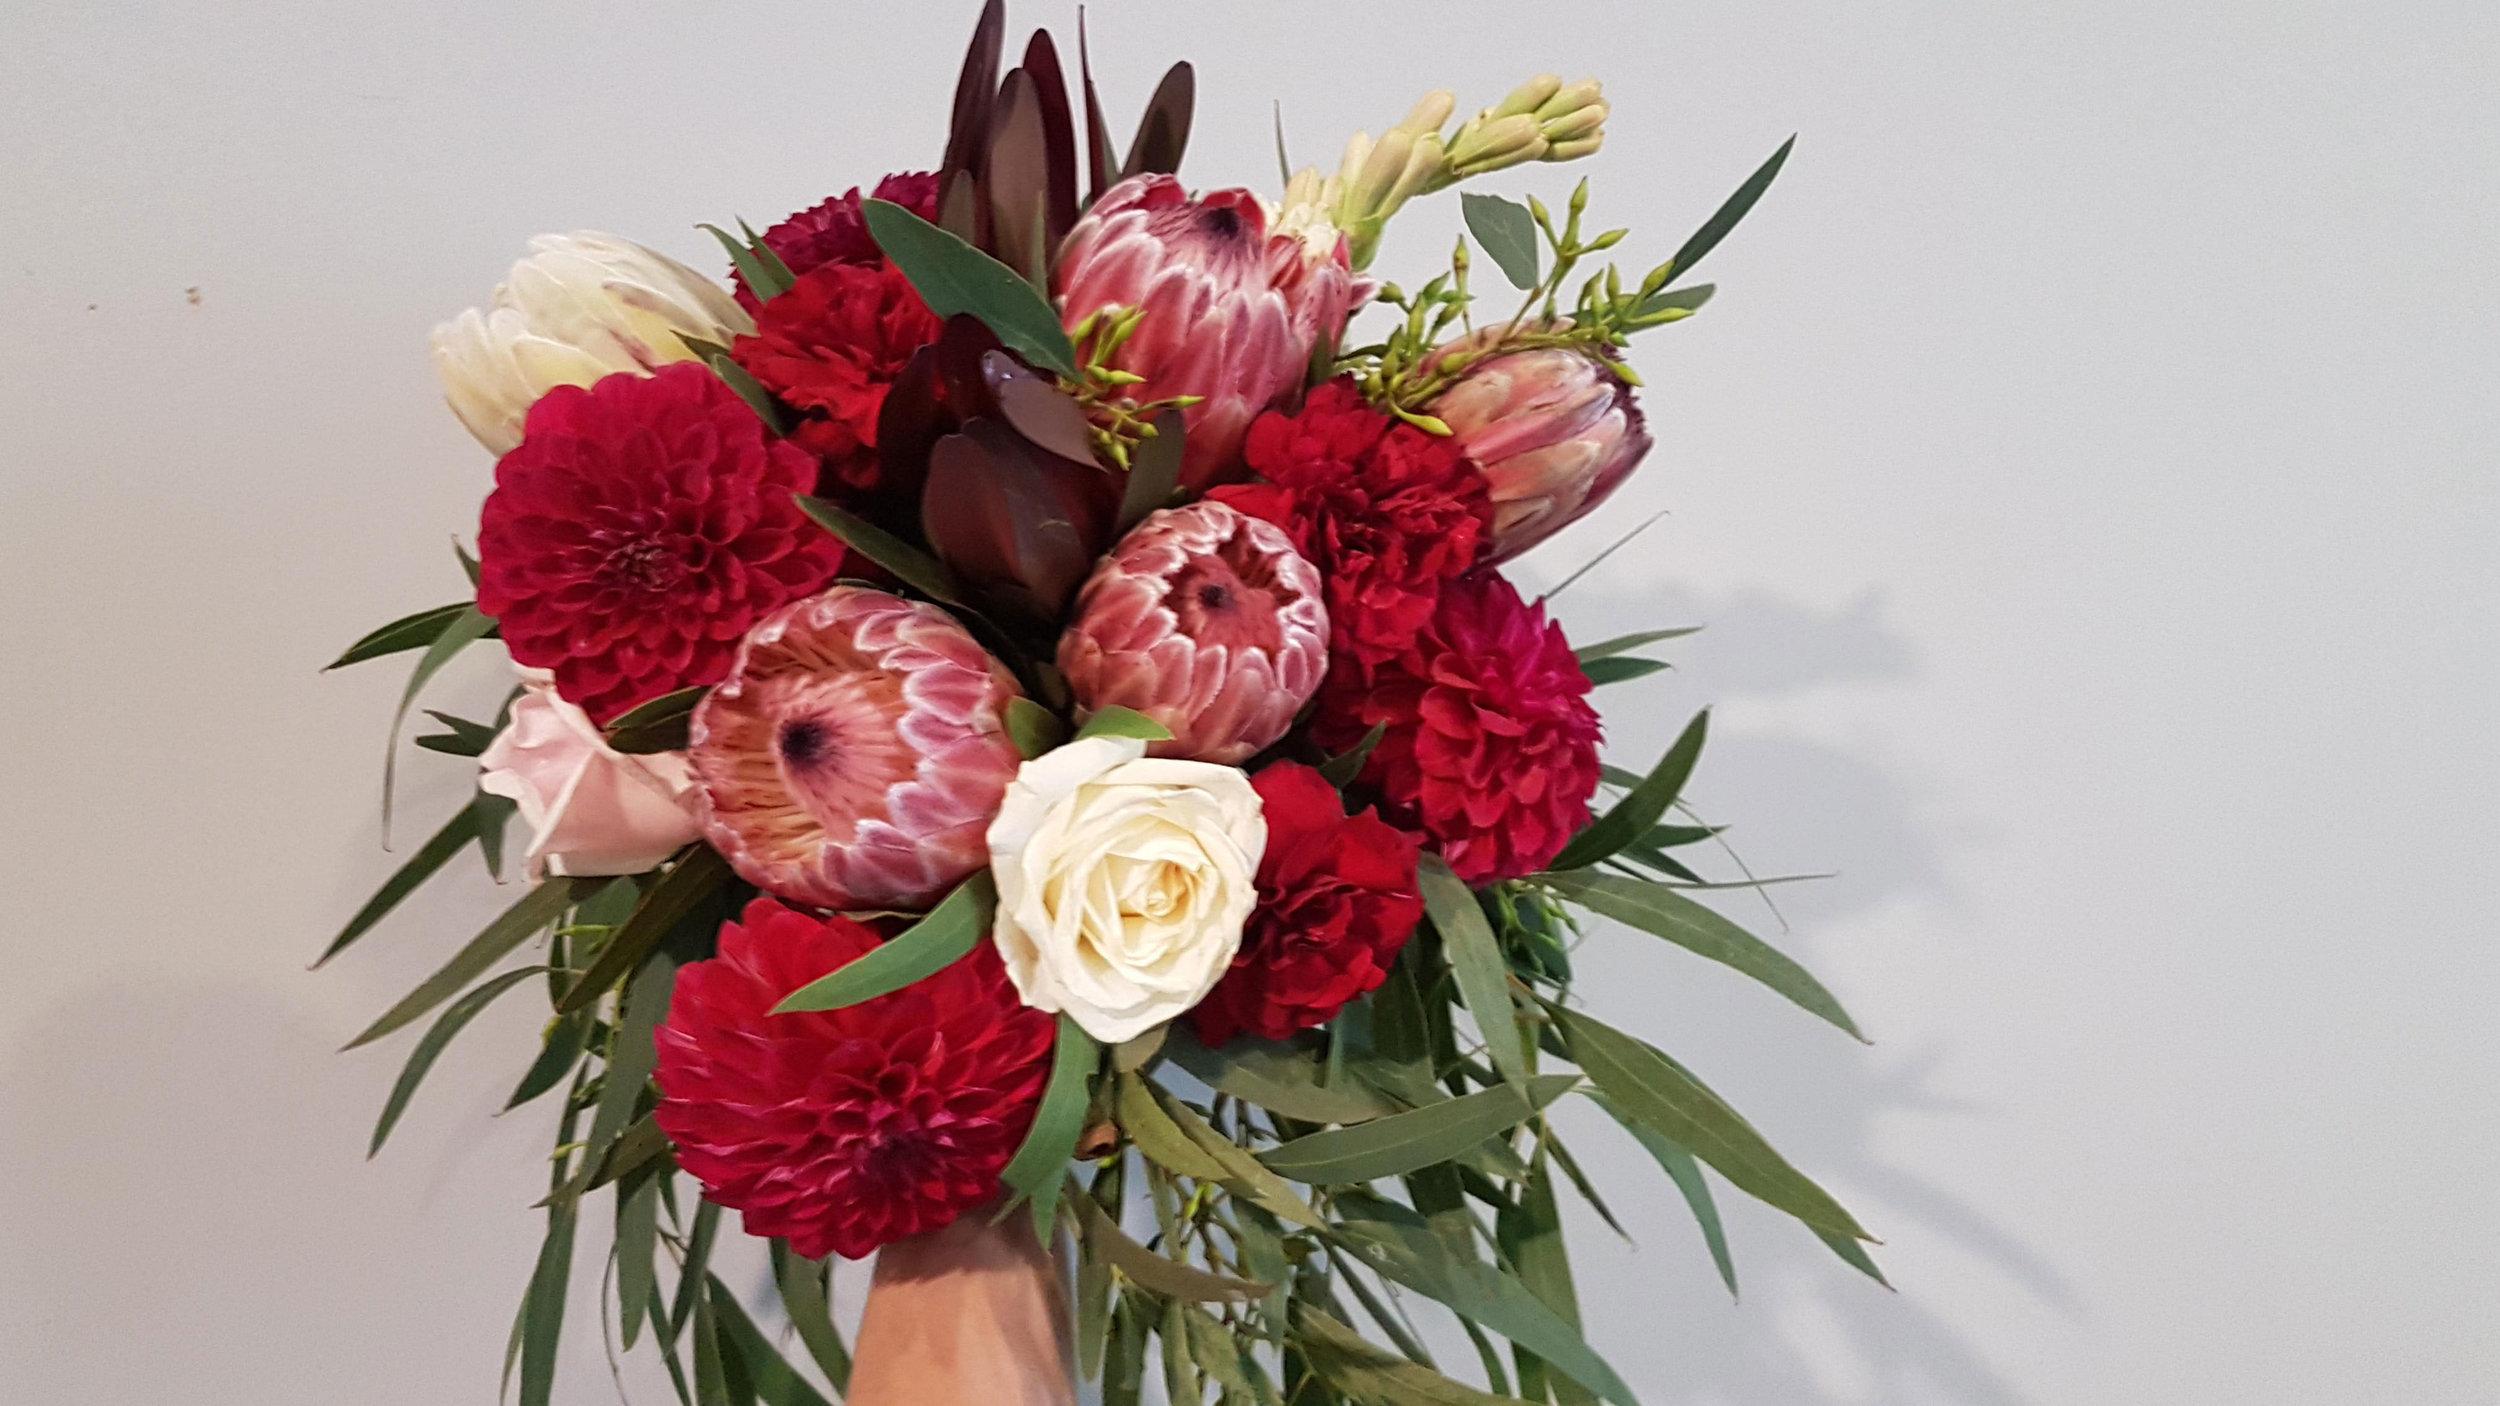 mel-and-doug-bouquet.jpg